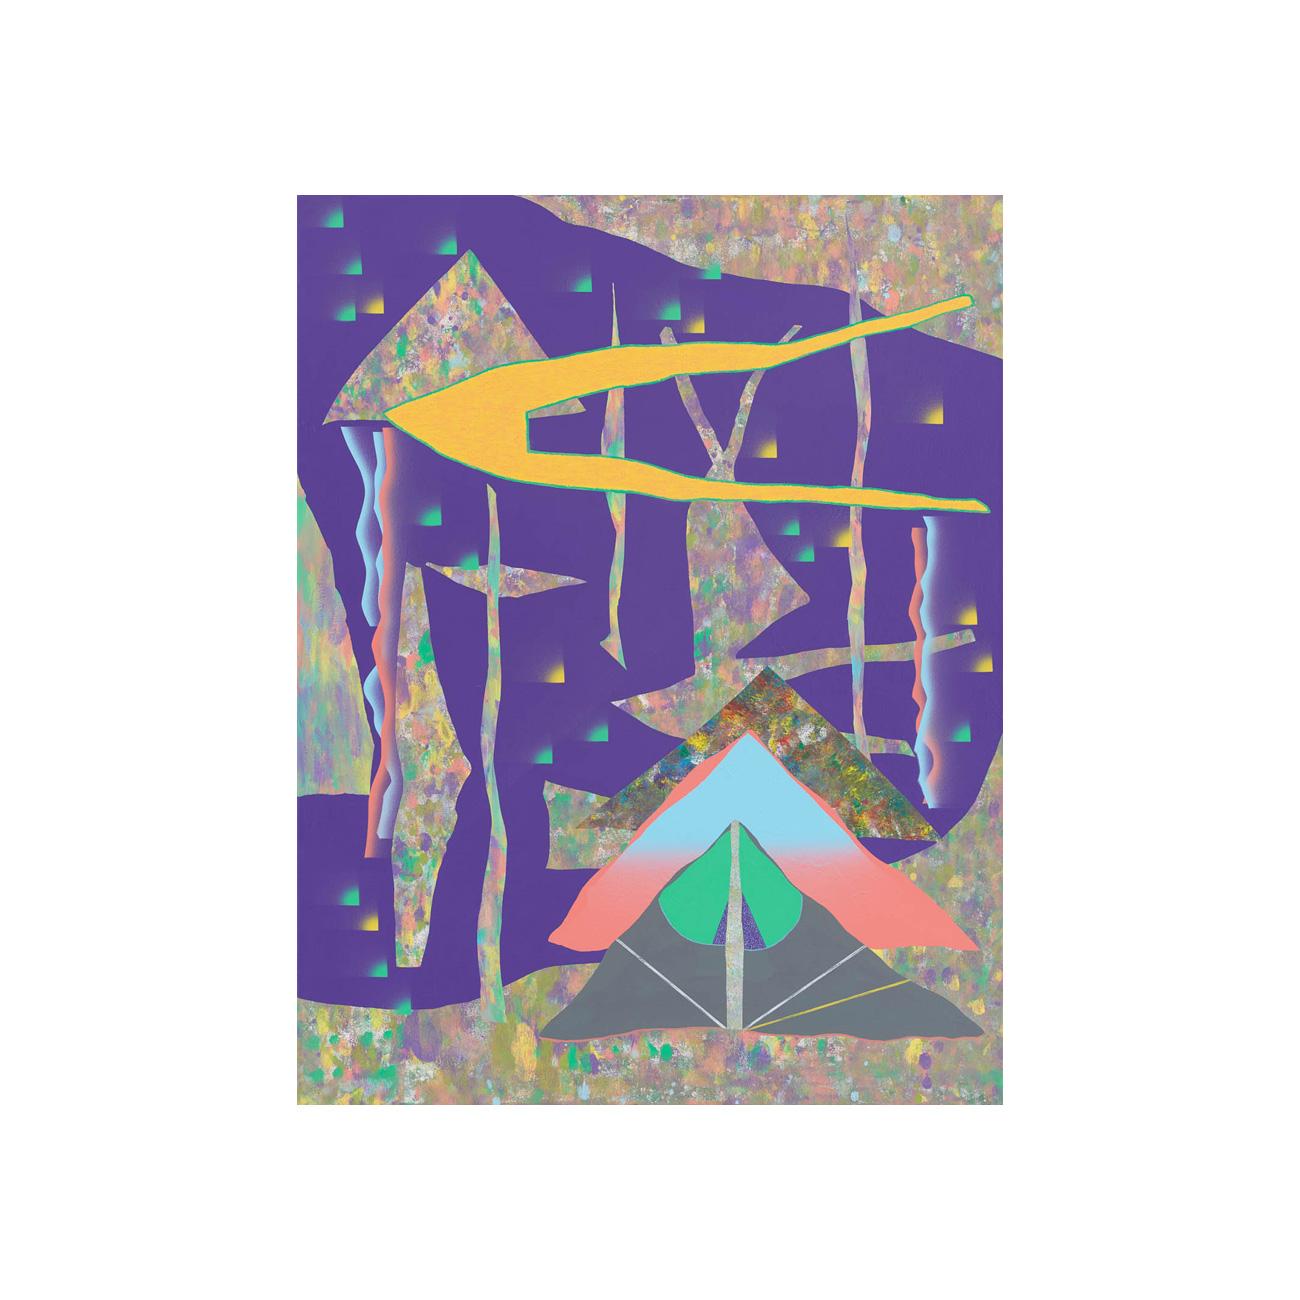 Luis . 2019 . 94 x 72 cm . Acryl auf Baumwolle